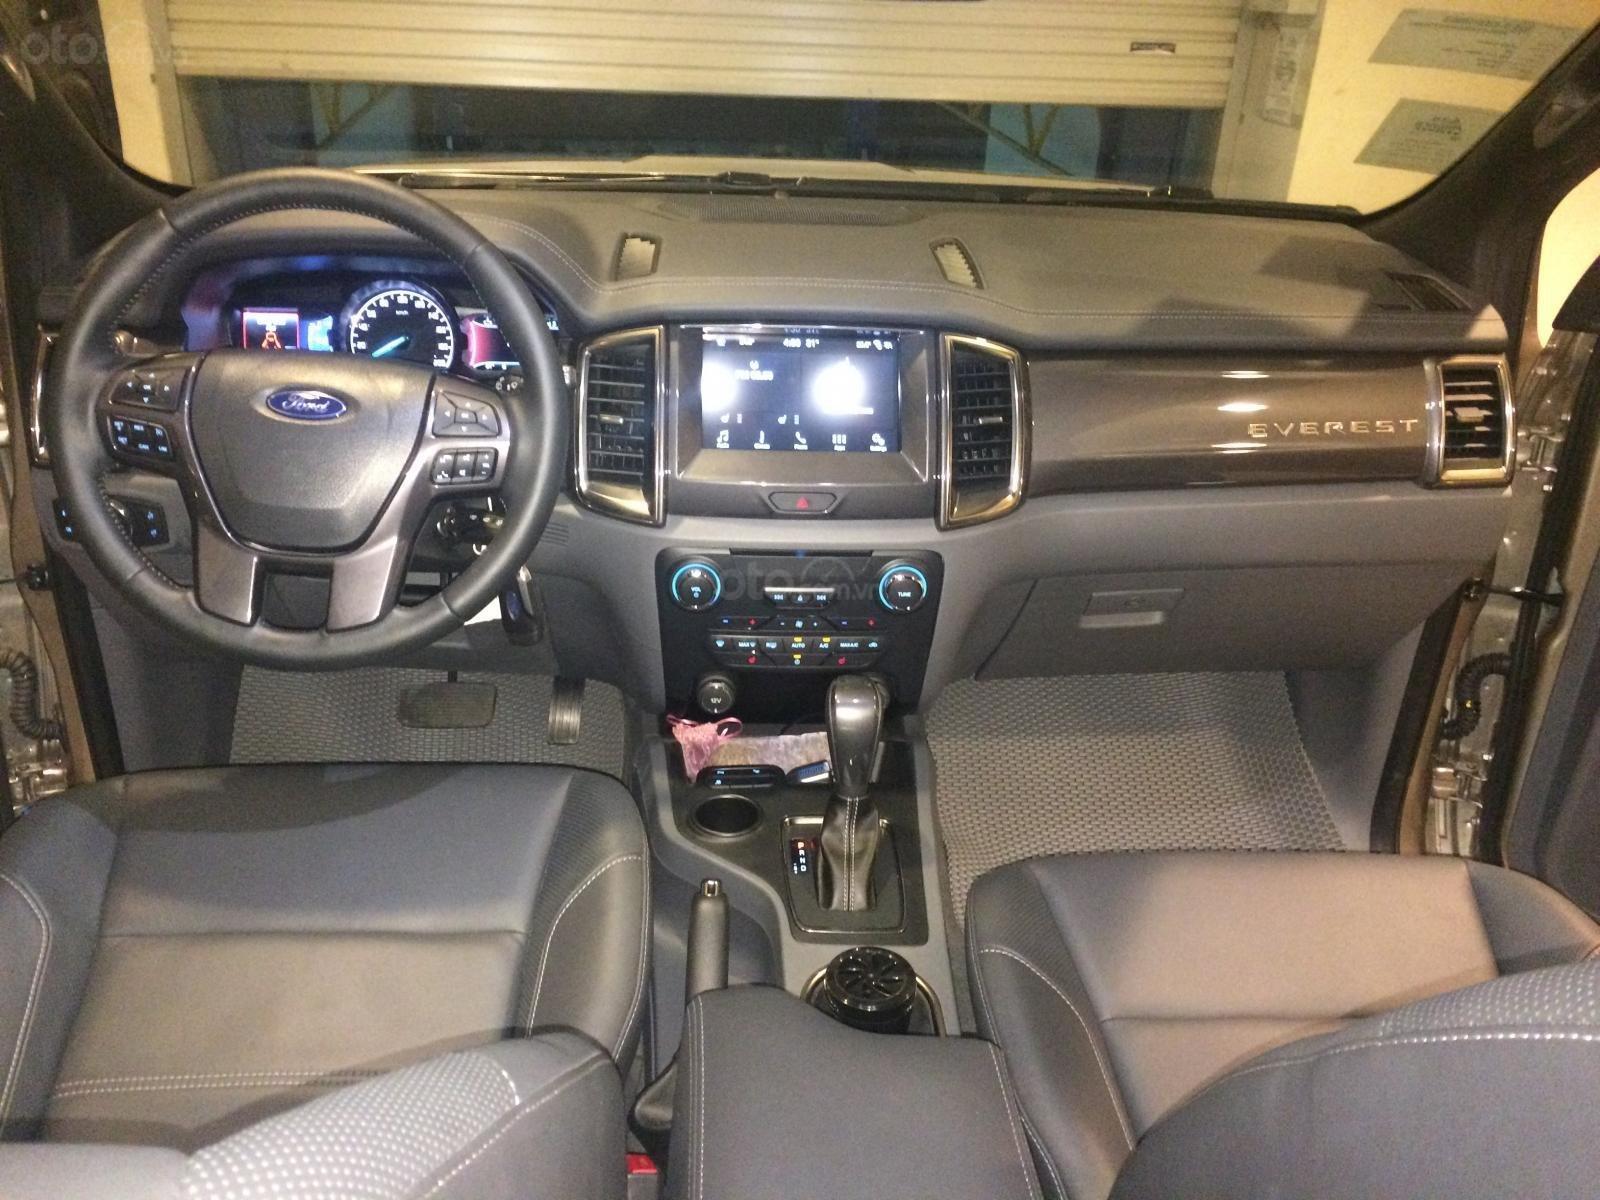 Bán Ford Everest Titanium 2016, xe bán và bảo hành tại Ford, hỗ trợ trả góp-7